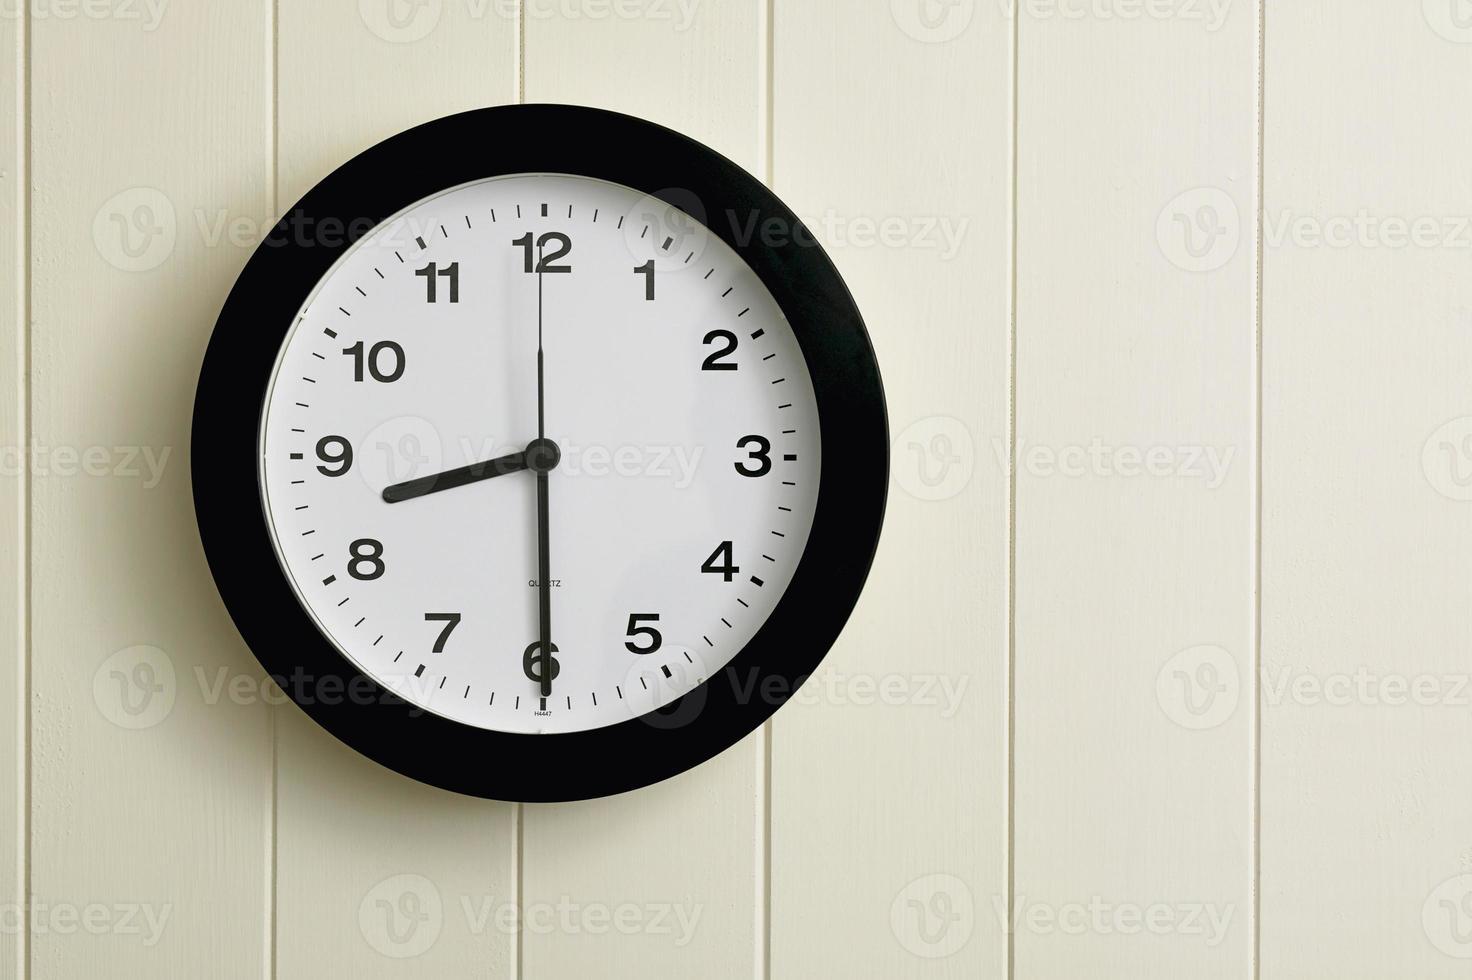 Uhr auf bemalter Holzwand foto